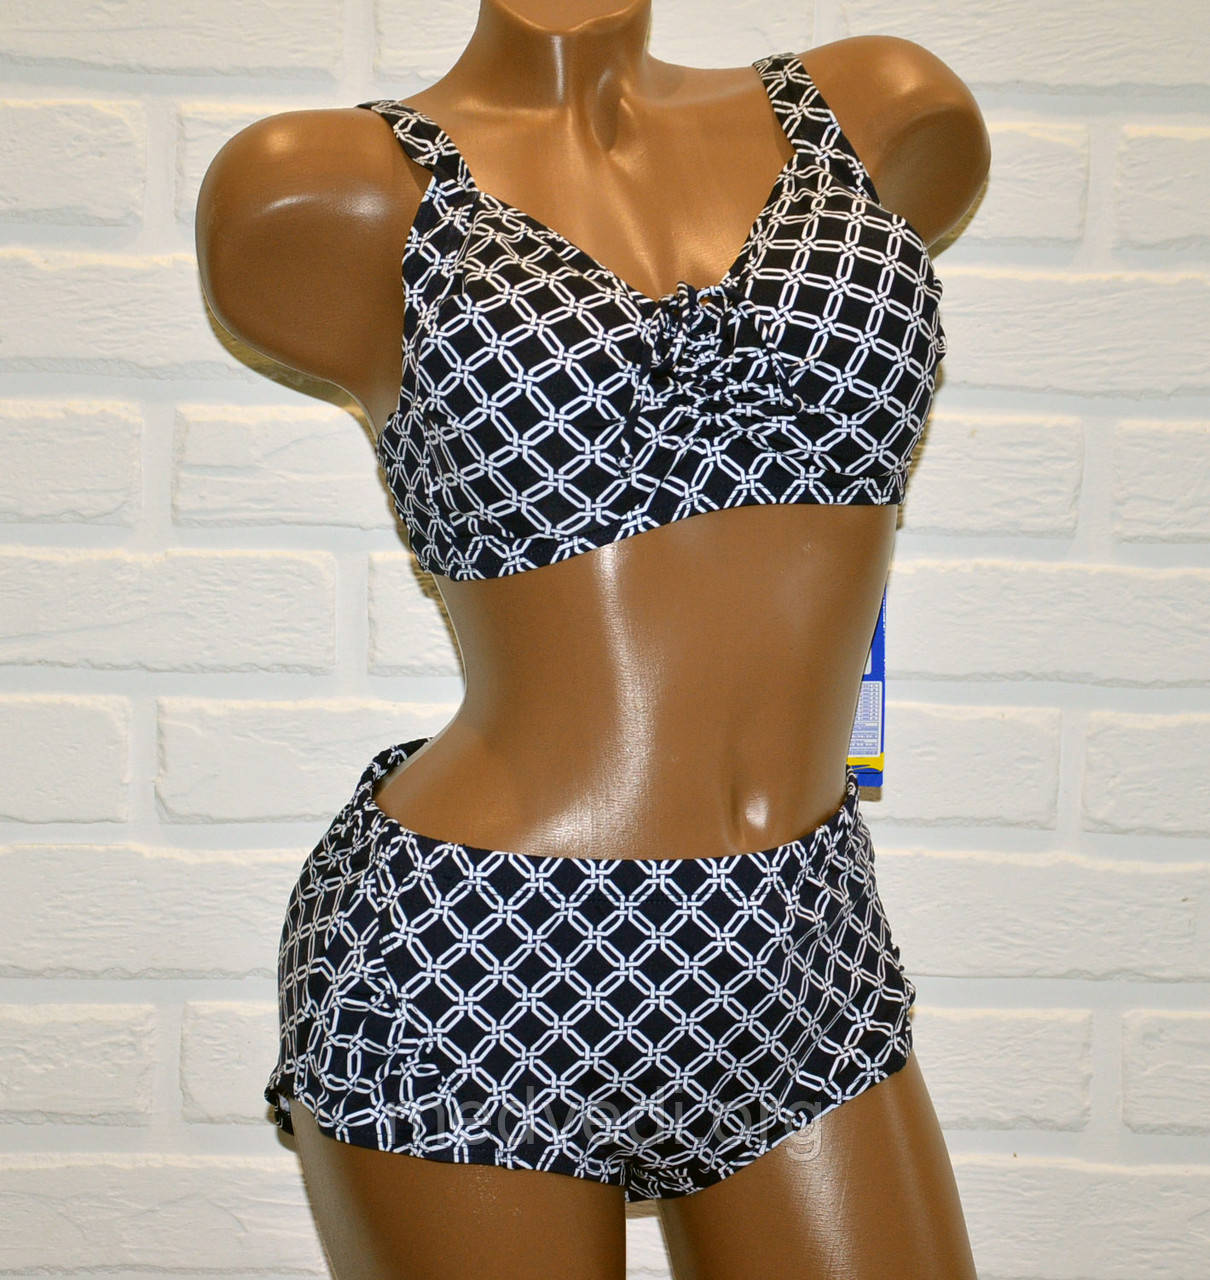 Большой 58 размер для пышных женщин, раздельный синий купальник батал, рисунок геометрический, на шнуровке